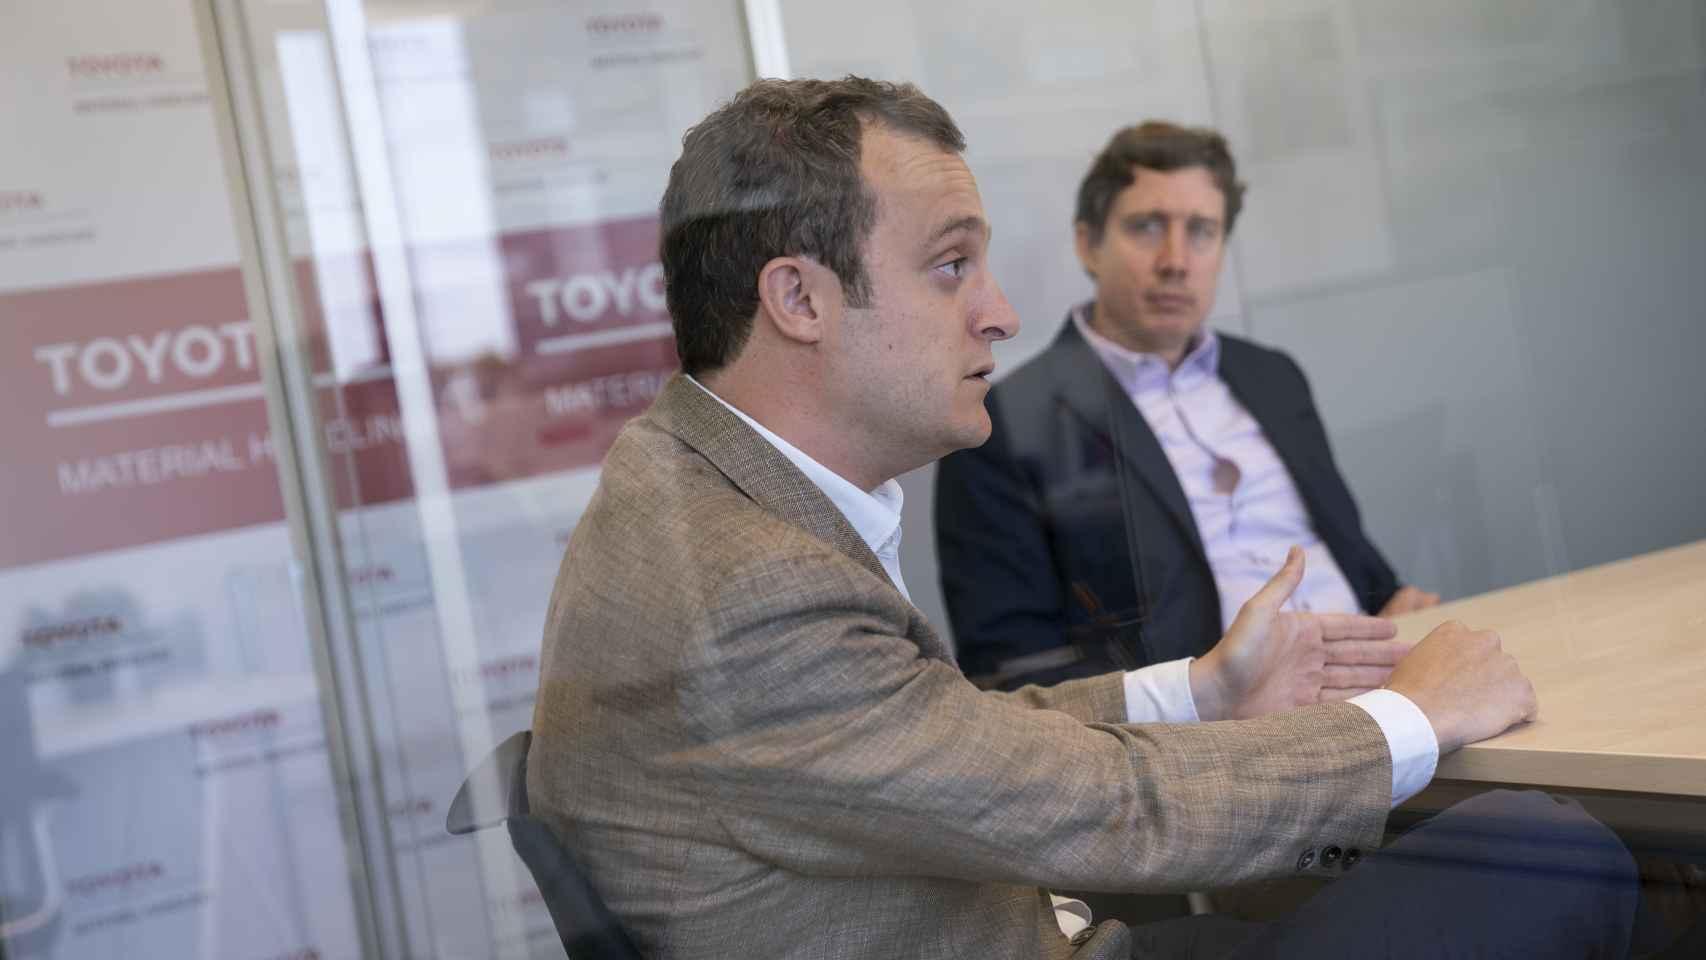 Guillermo Albaladejo y Alban de Lassus, directivos de Toyota Logistic Solutions.